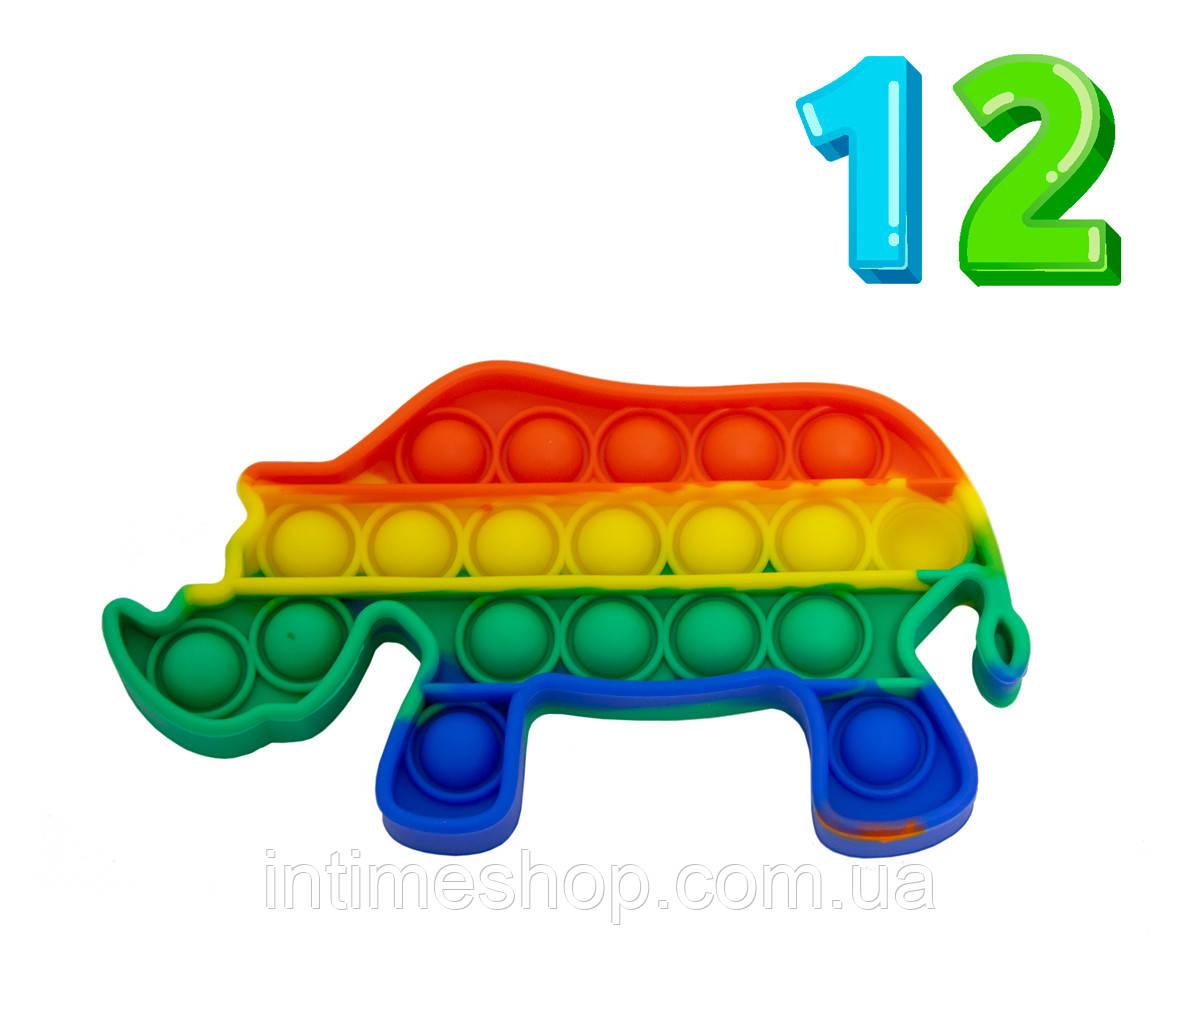 Нескінченна пупирка антистрес Pop It Різнобарвна в формі Носорога 15х8 см №12, сенсорна іграшка антистрес